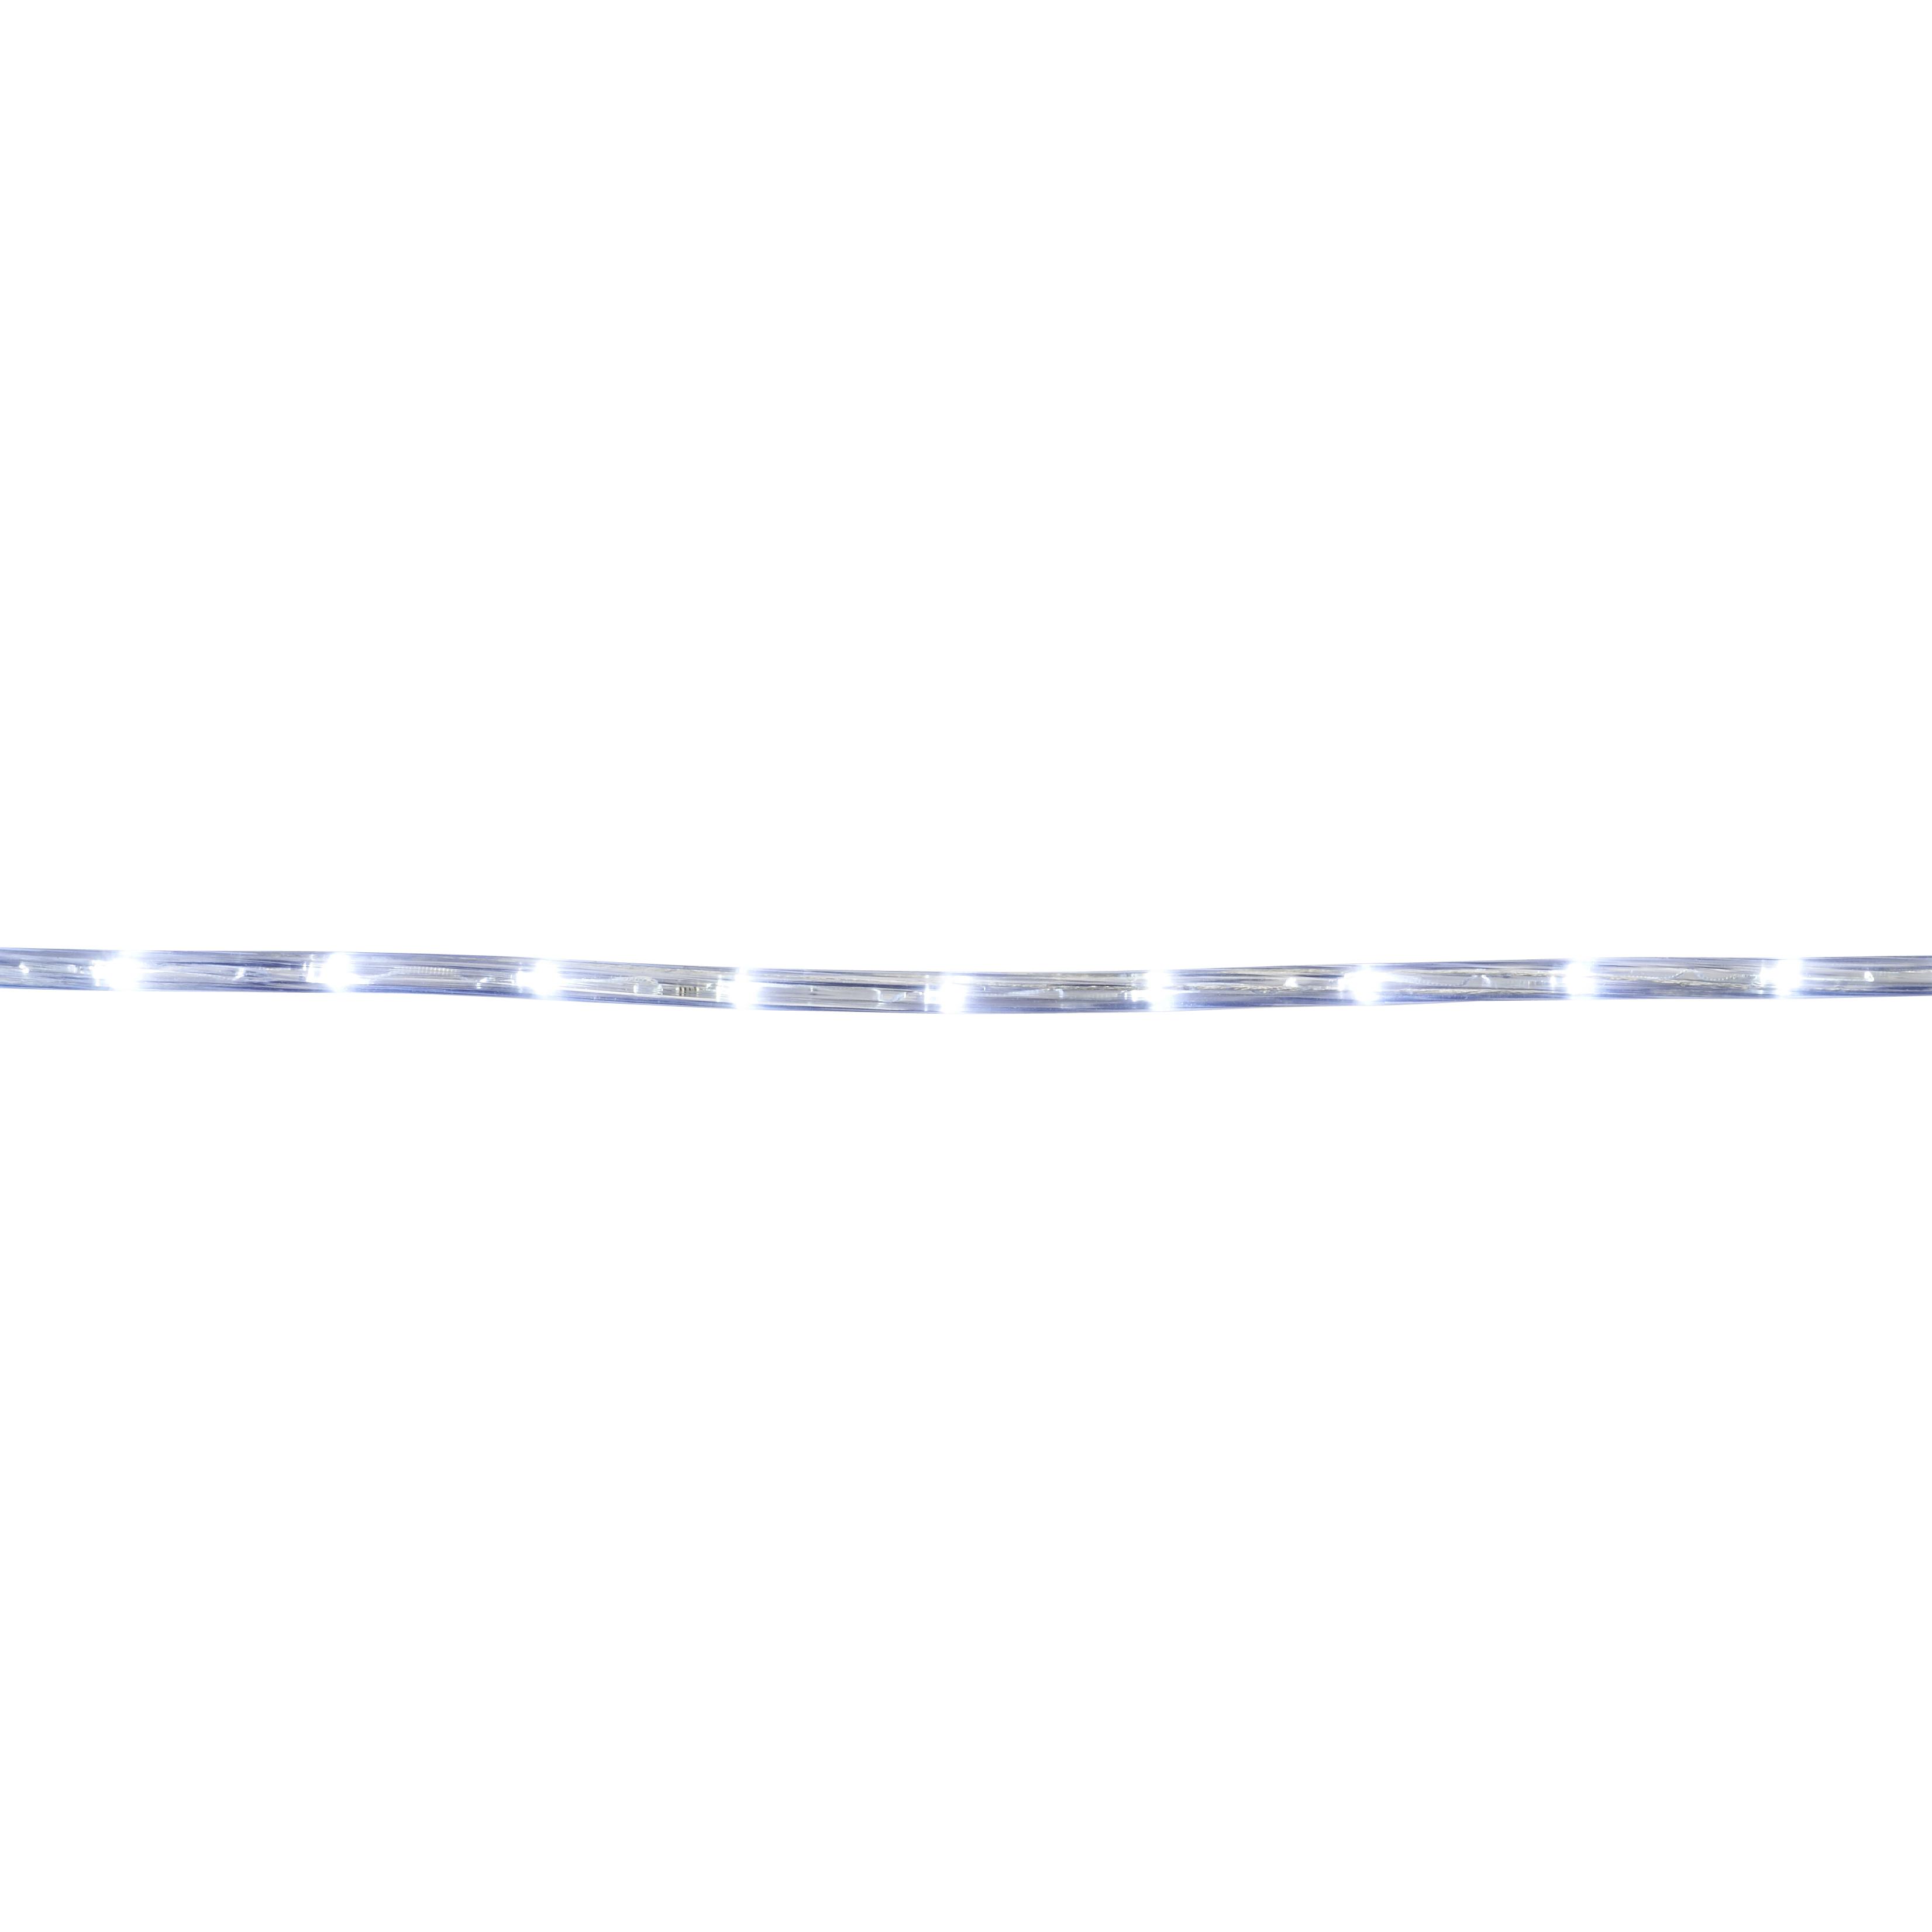 Tube animé n° 31c - Blanc froid - L 20 m - DE12324